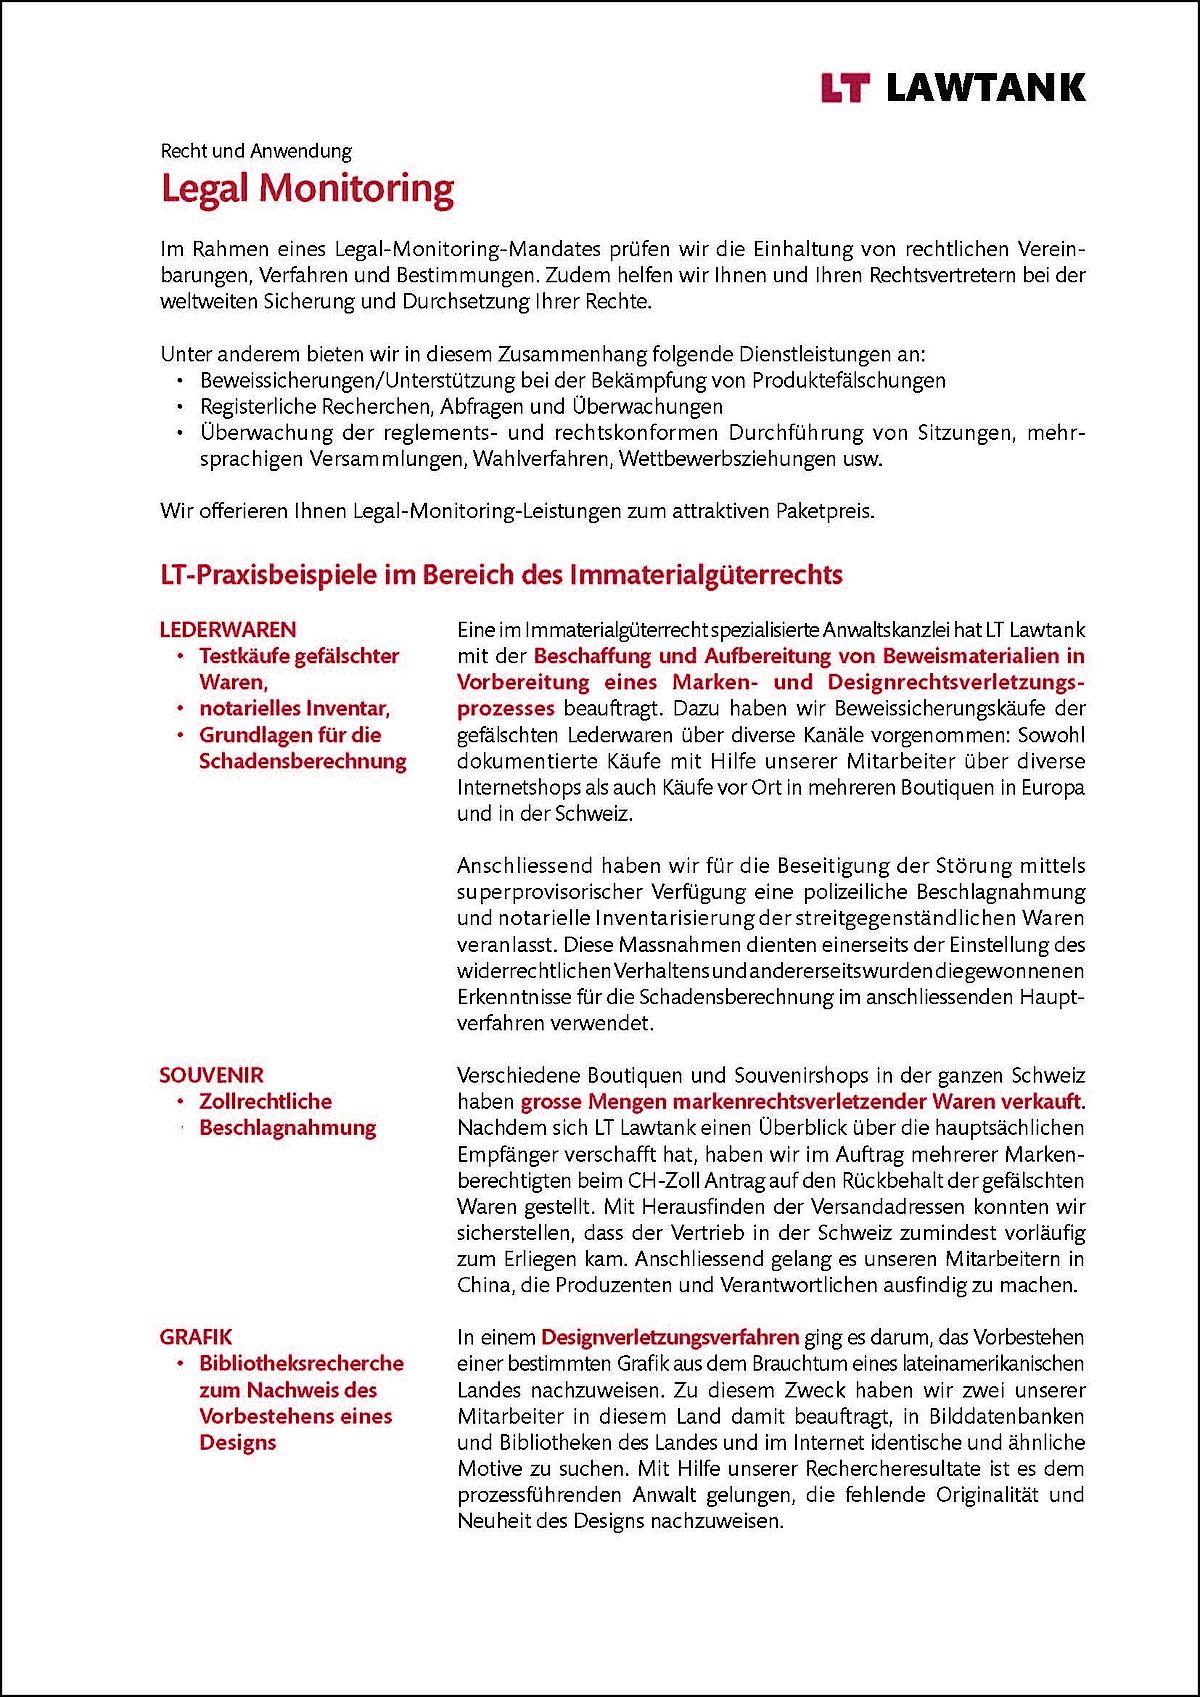 LT Lawtank - Legal Monitoring - Beweissicherungen/Unterstützung bei der Bekämpfung von Produktefälschungen, Registerliche Recherchen, Abfragen und Überwachungen, Überwachung  der  reglements-  und  rechtskonformen  Durchführung  von  Sitzungen,  mehr-sprachigen Versammlungen, Wahlverfahren, Wettbewerbsziehungen usw.